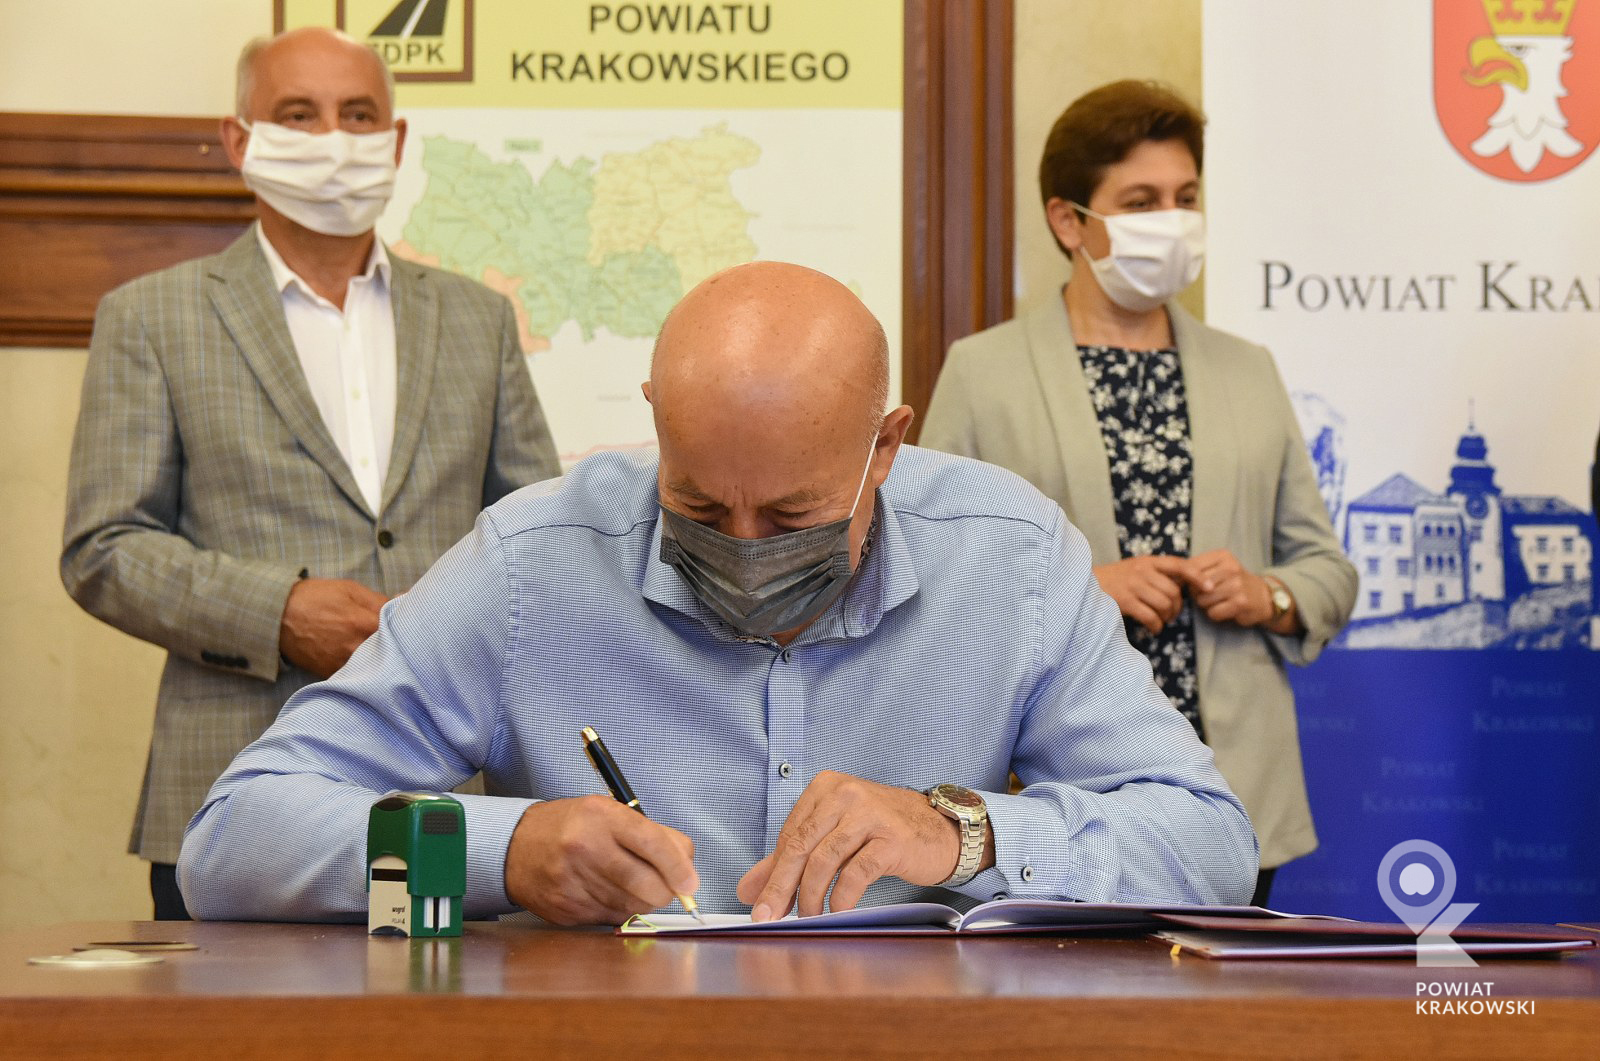 Podpisanie umowy w Starostwie Powiatowym w Krakowie 9